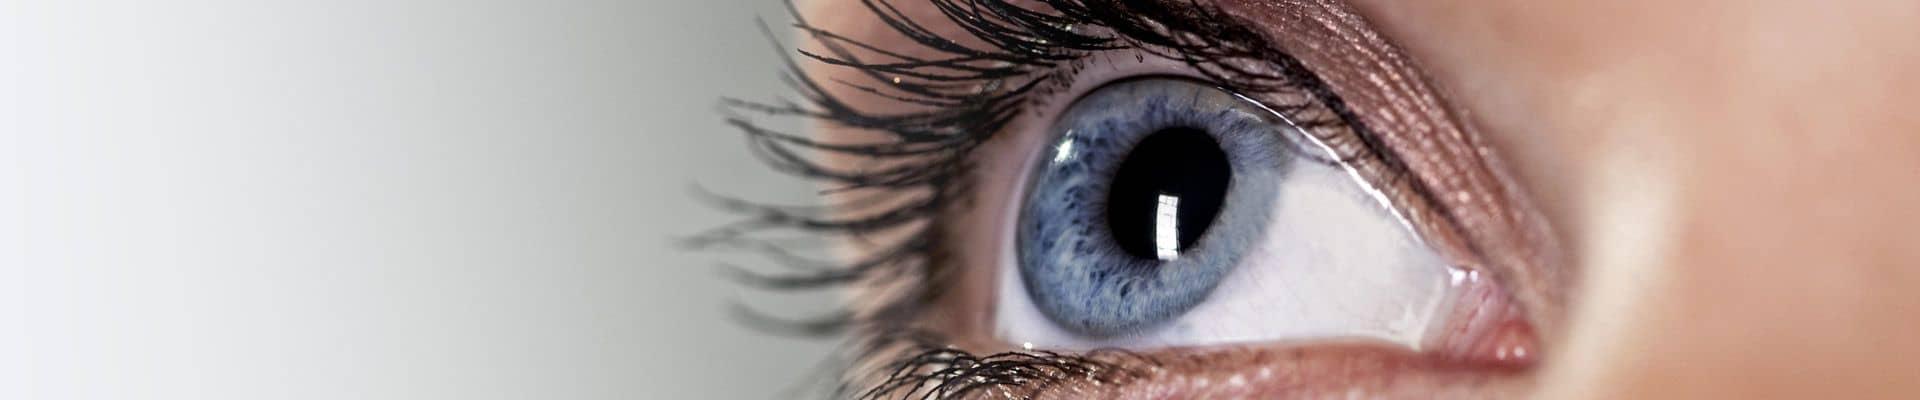 látás legújabb kezelések